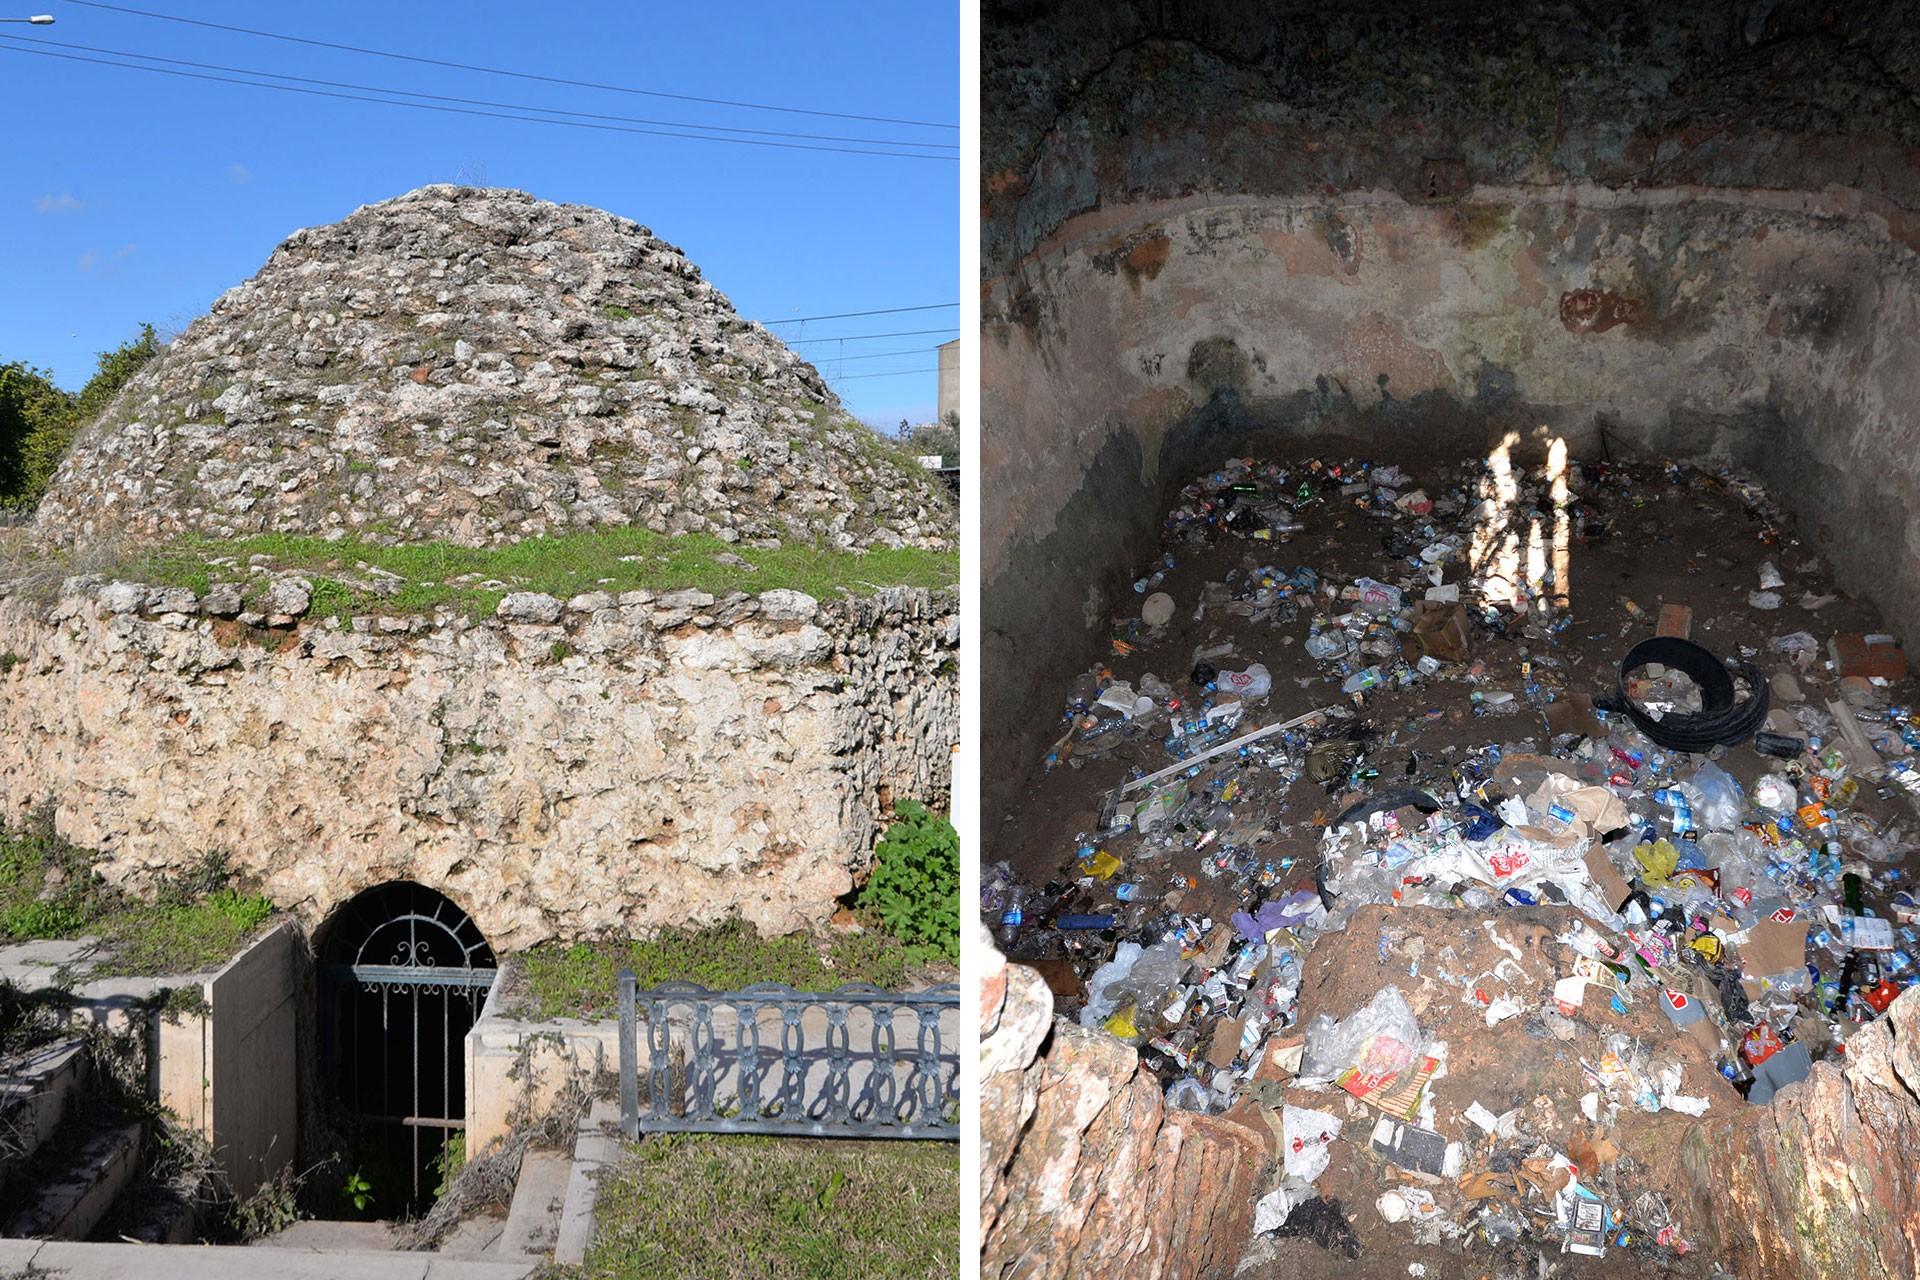 Girişi demir kapıyla kapatılan Zeytinli Sarnıcı (solda) ve içi çöplüğe dönen Kahveler Sarnıcı (sağda)